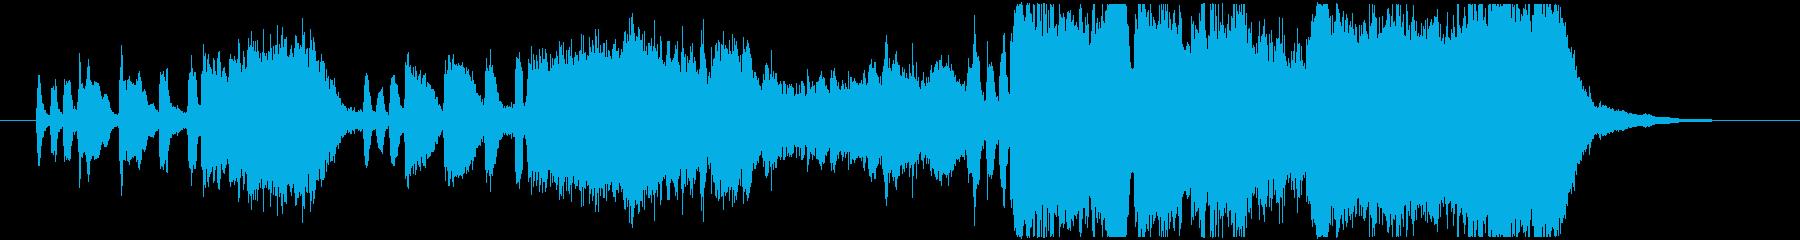 生演奏トランペットが豪華なファンファーレの再生済みの波形